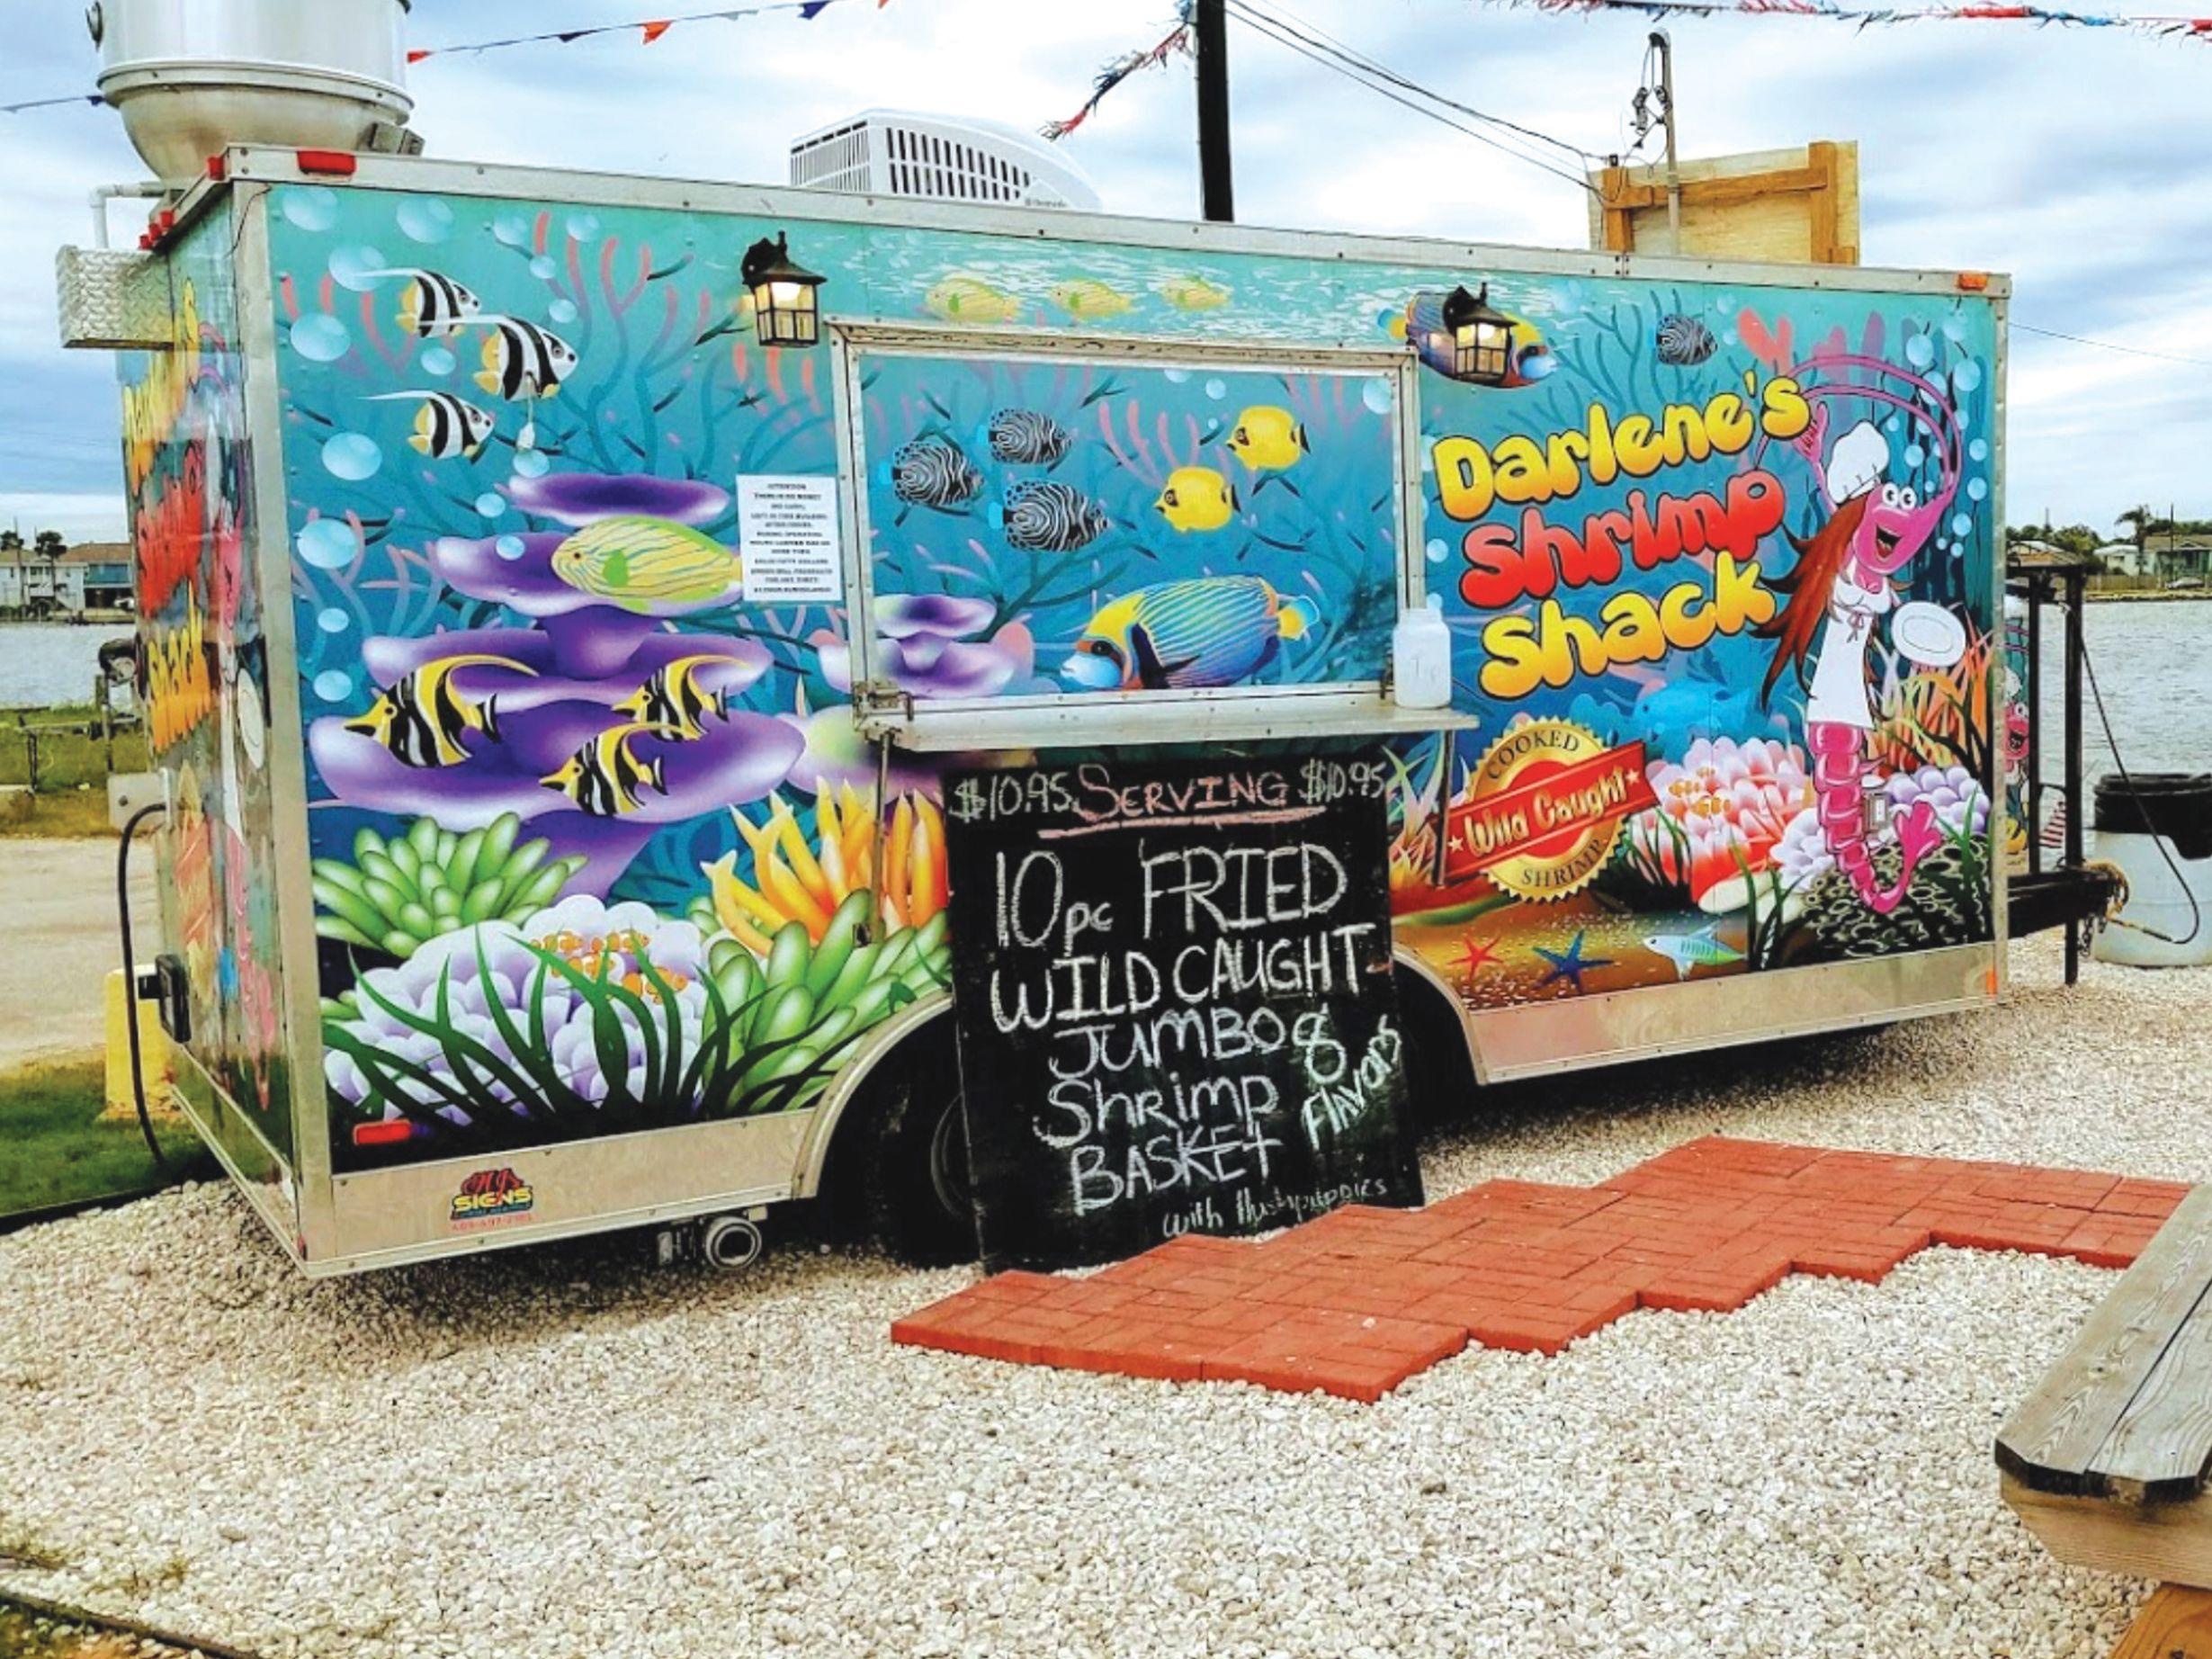 0617 icehouse gulf shrimp shack obzfpw